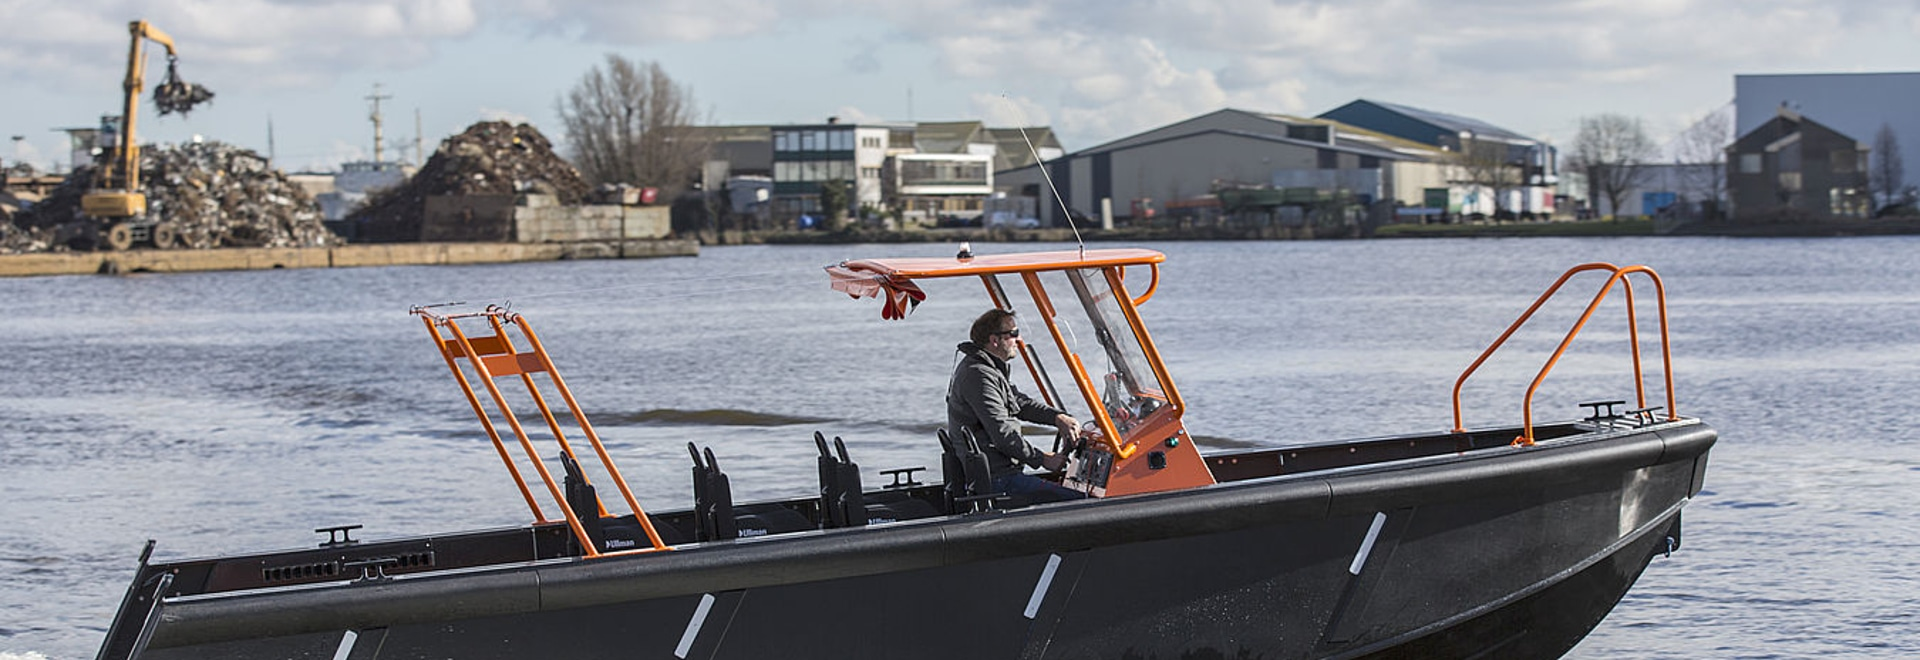 Nuevo `de alta velocidad holandés de la oferta del equipo con las bolas.